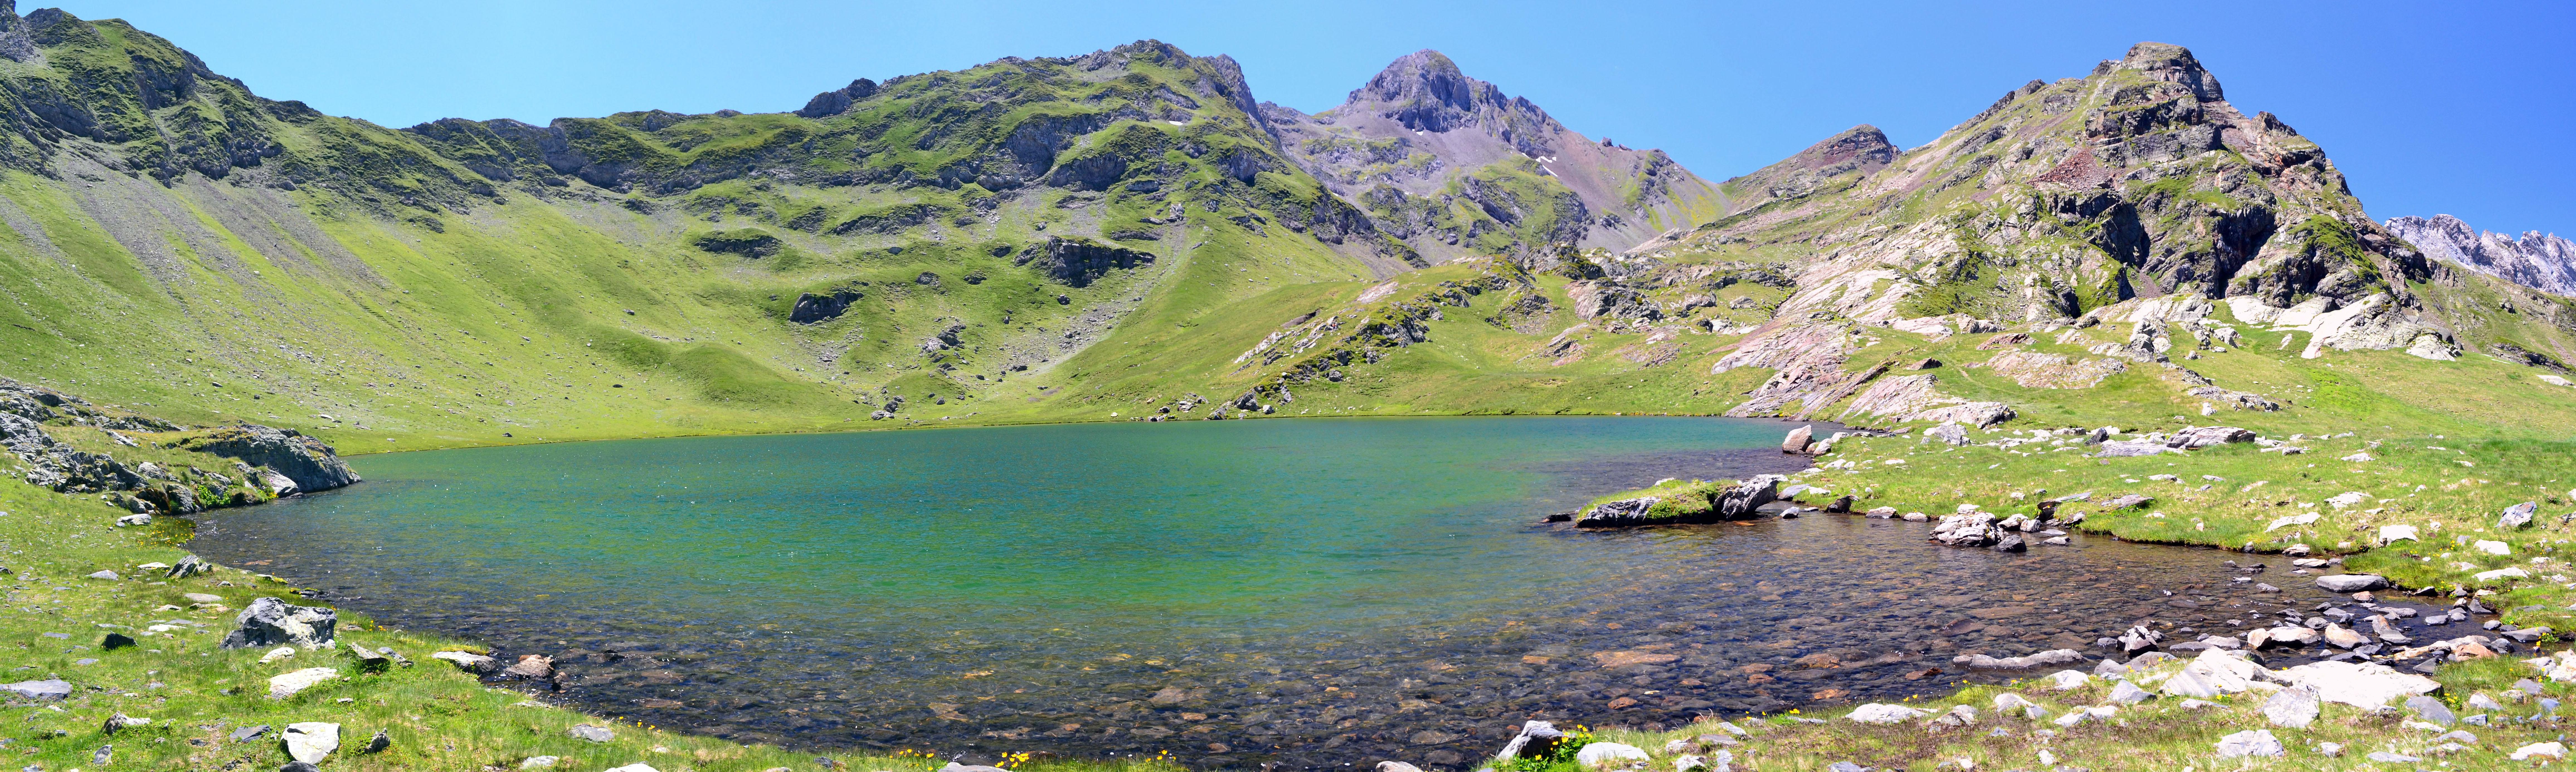 Lac du Lavedan by Aude-la-randonneuse